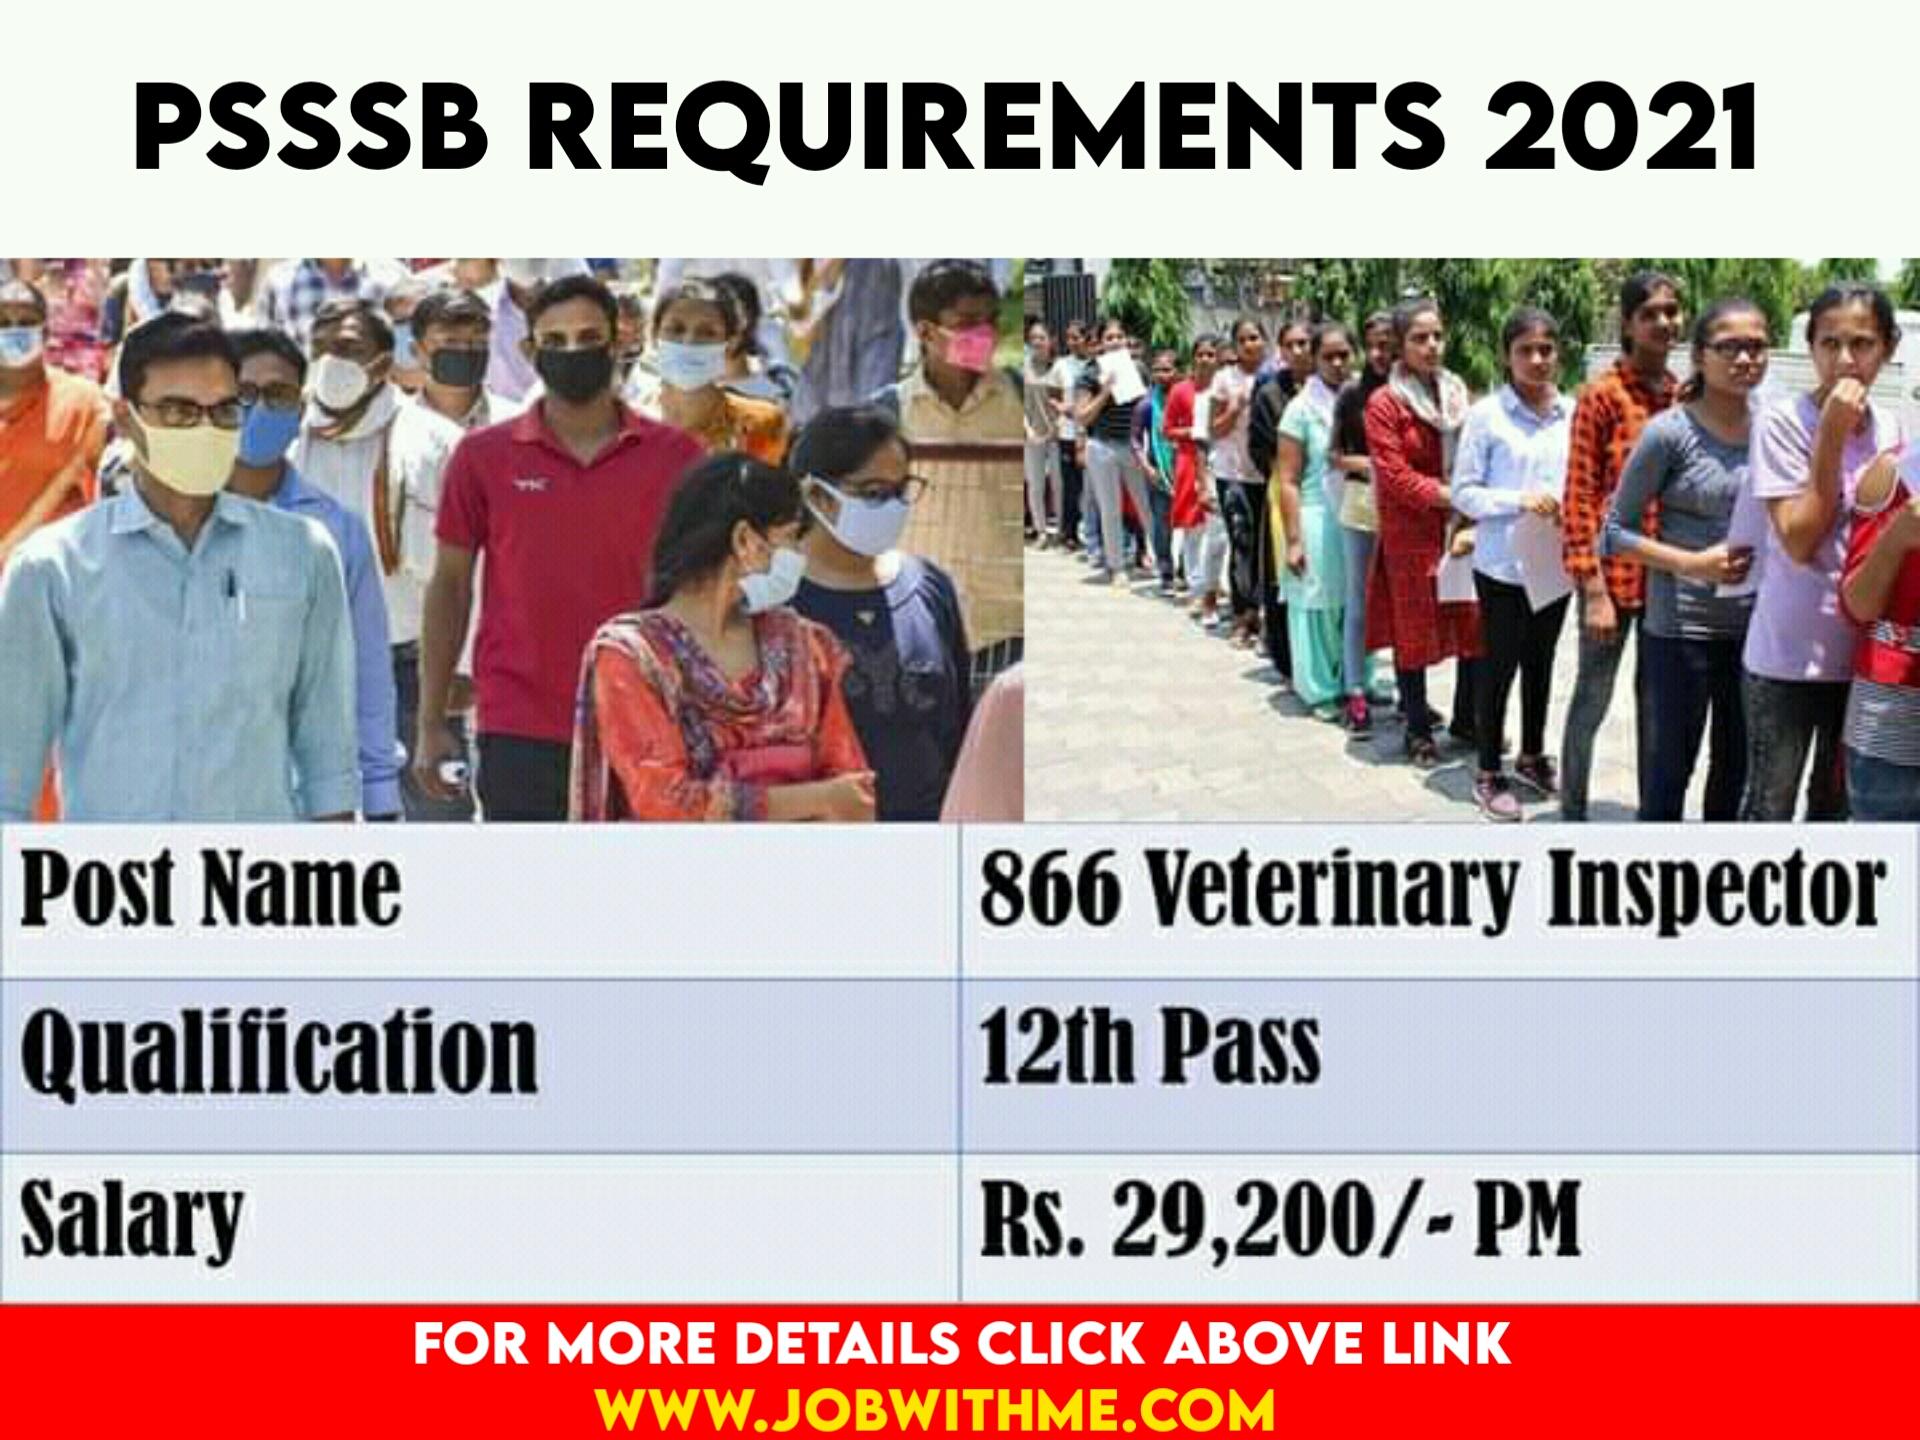 PSSSB REQUIREMENTS 2021